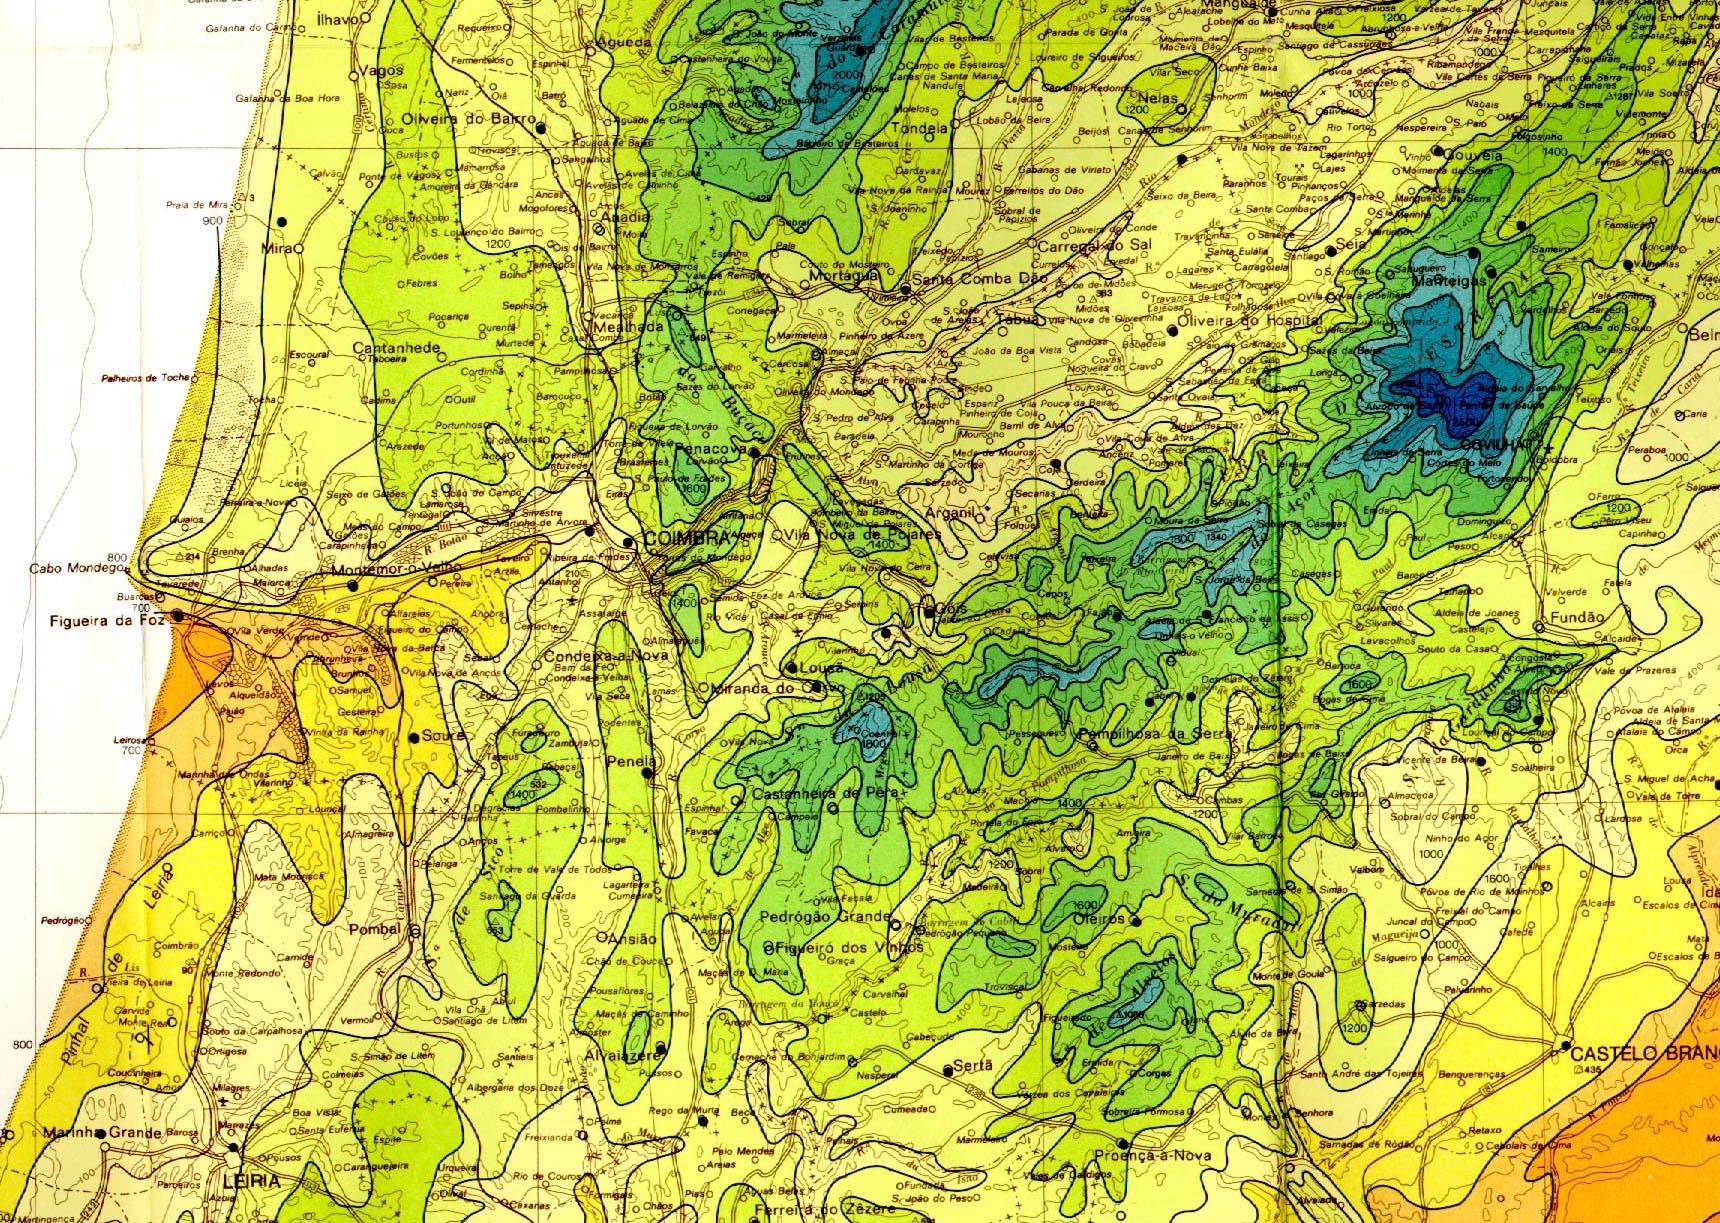 mapa de ventos de portugal Geografia Física de Portugal mapa de ventos de portugal